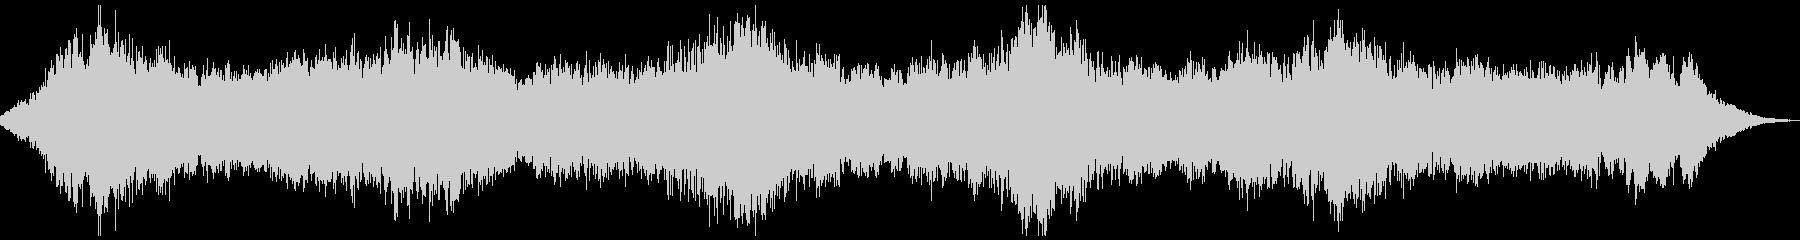 ダークアンビエント_02 ホラースケイプの未再生の波形